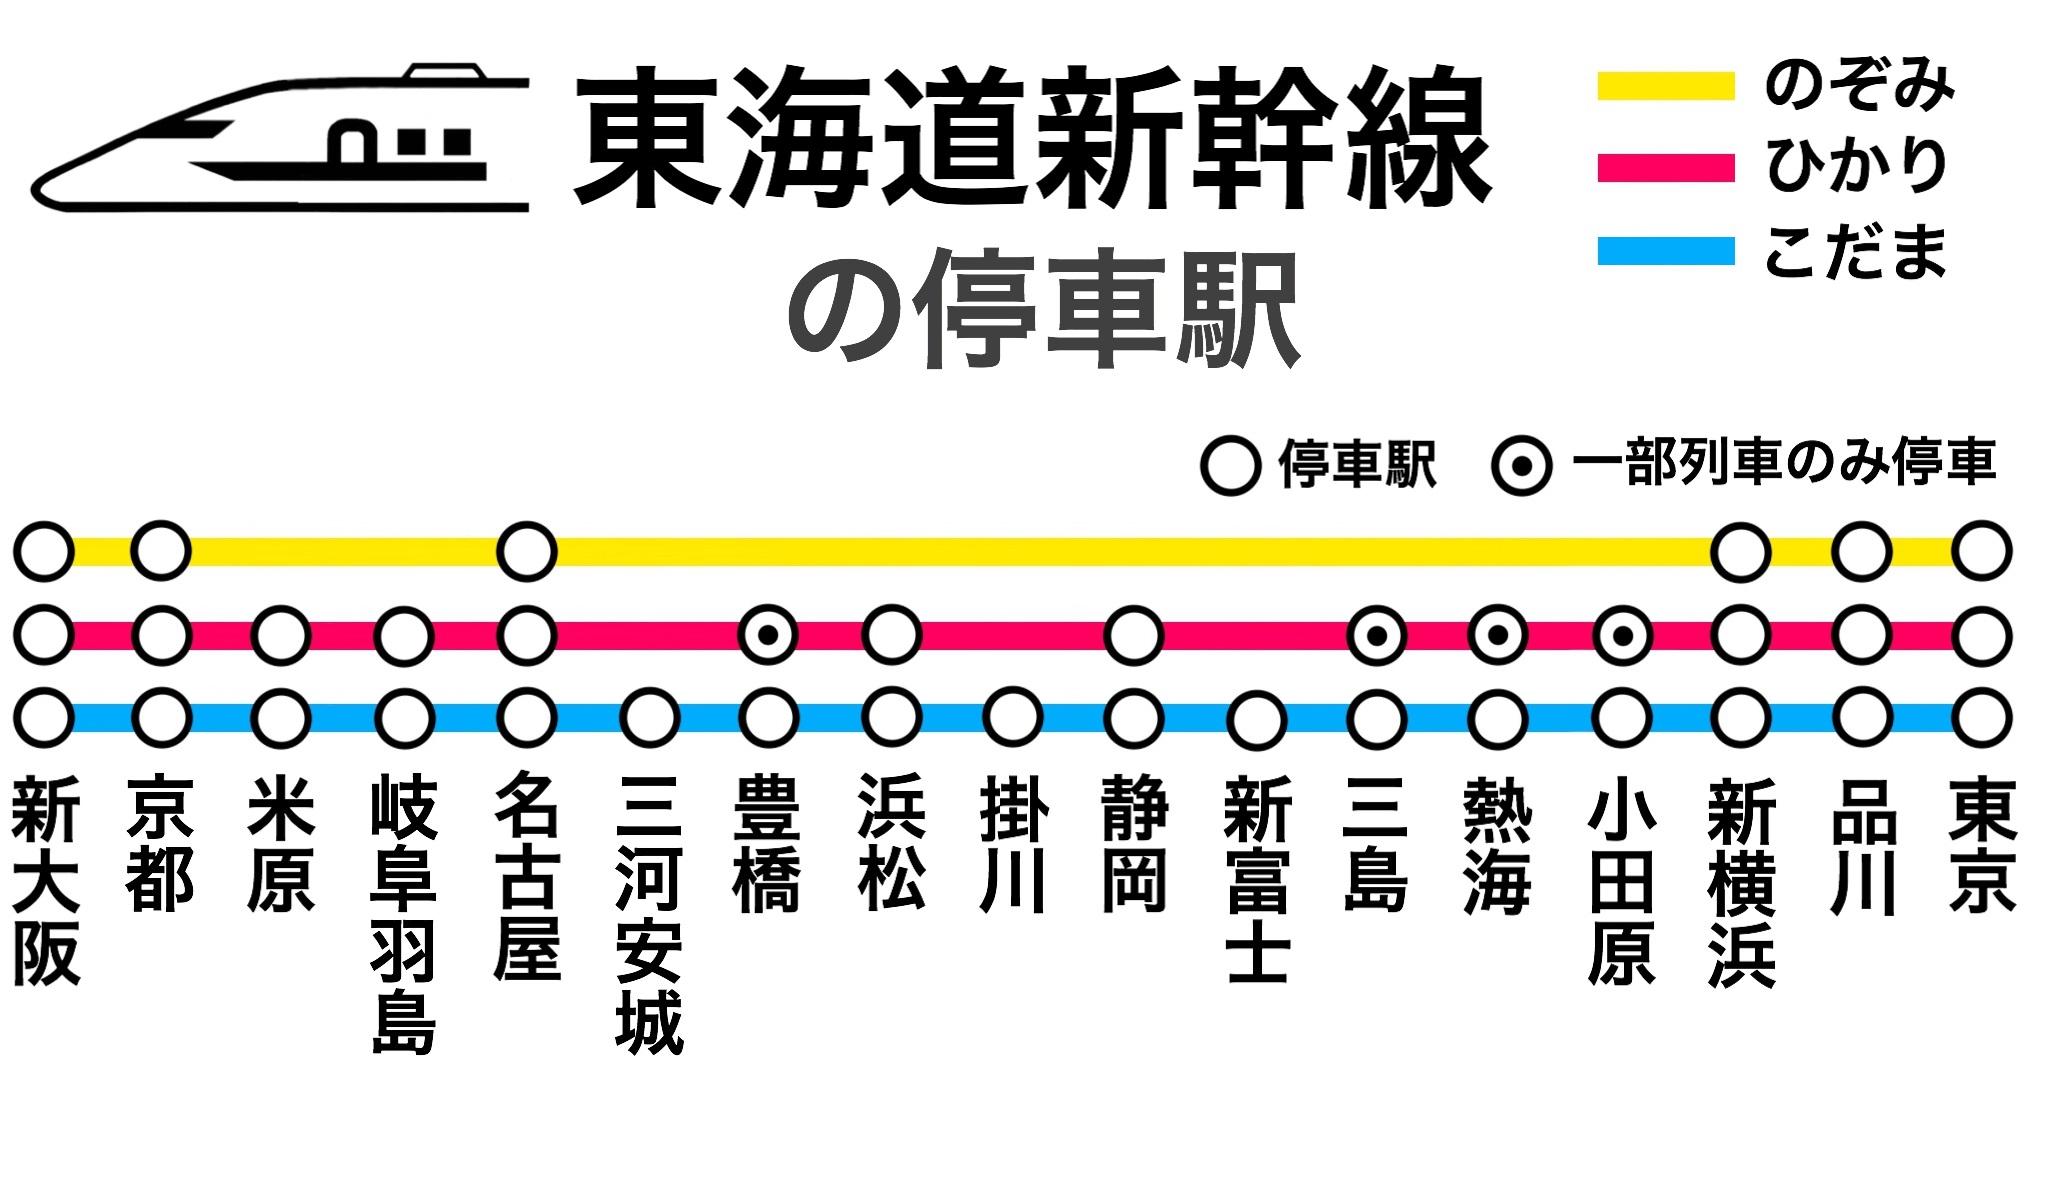 軽井沢 新幹線 予約